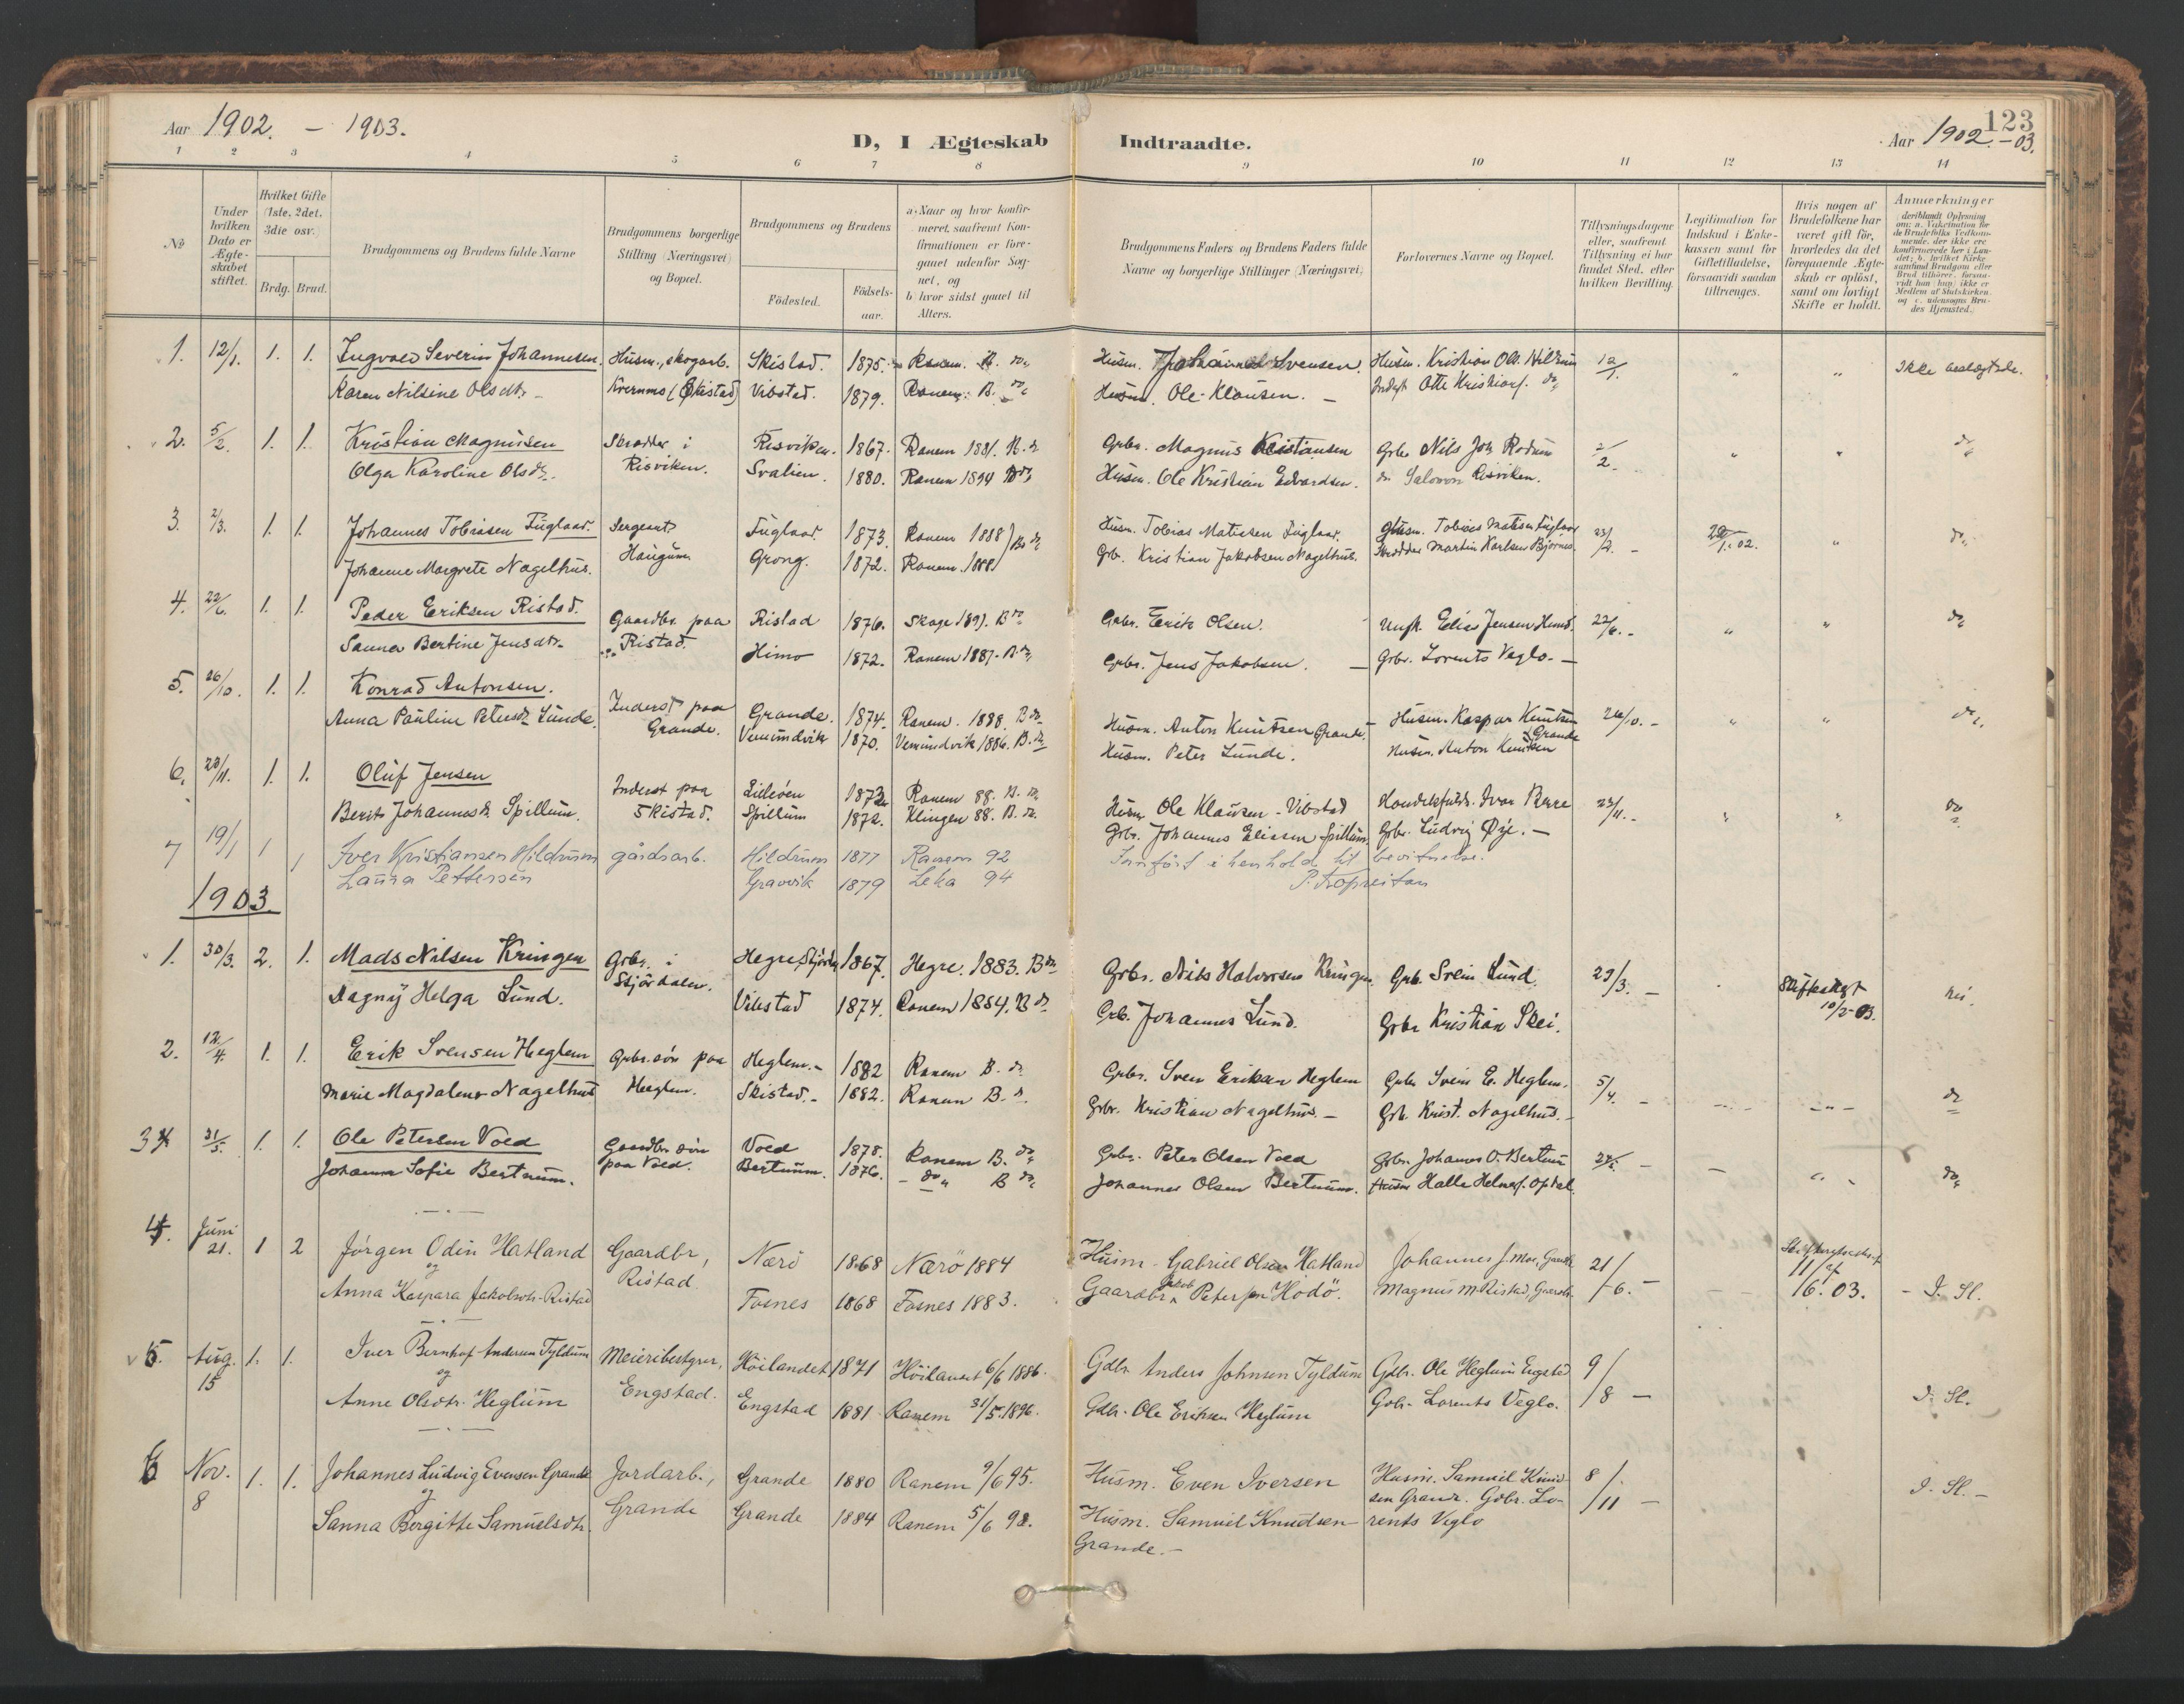 SAT, Ministerialprotokoller, klokkerbøker og fødselsregistre - Nord-Trøndelag, 764/L0556: Ministerialbok nr. 764A11, 1897-1924, s. 123